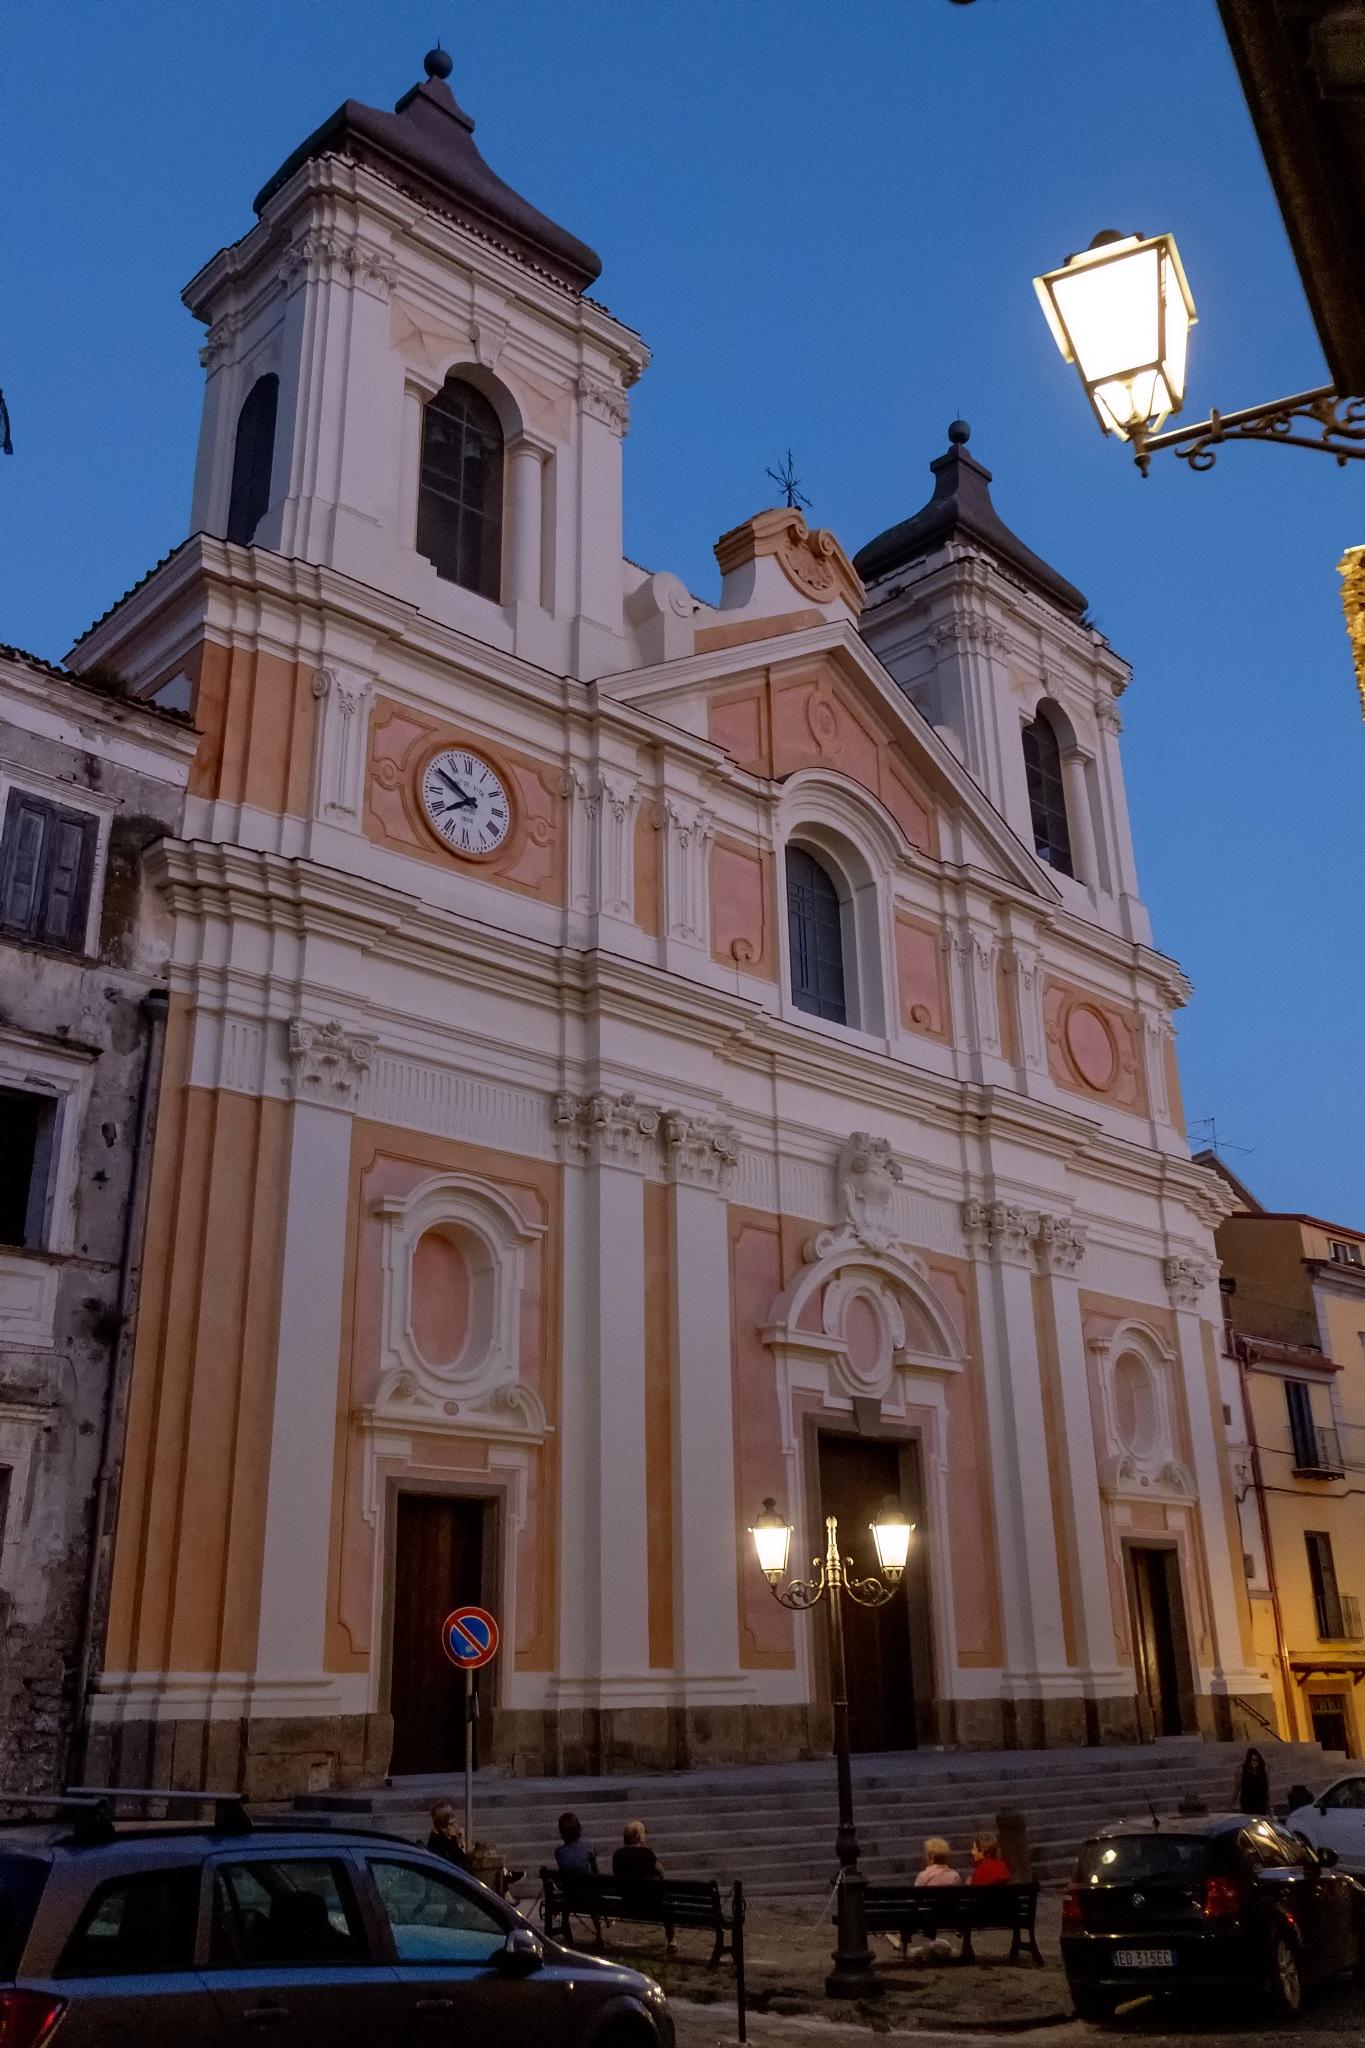 Chiesa dell'Annunziata by Salvatore Bertolino